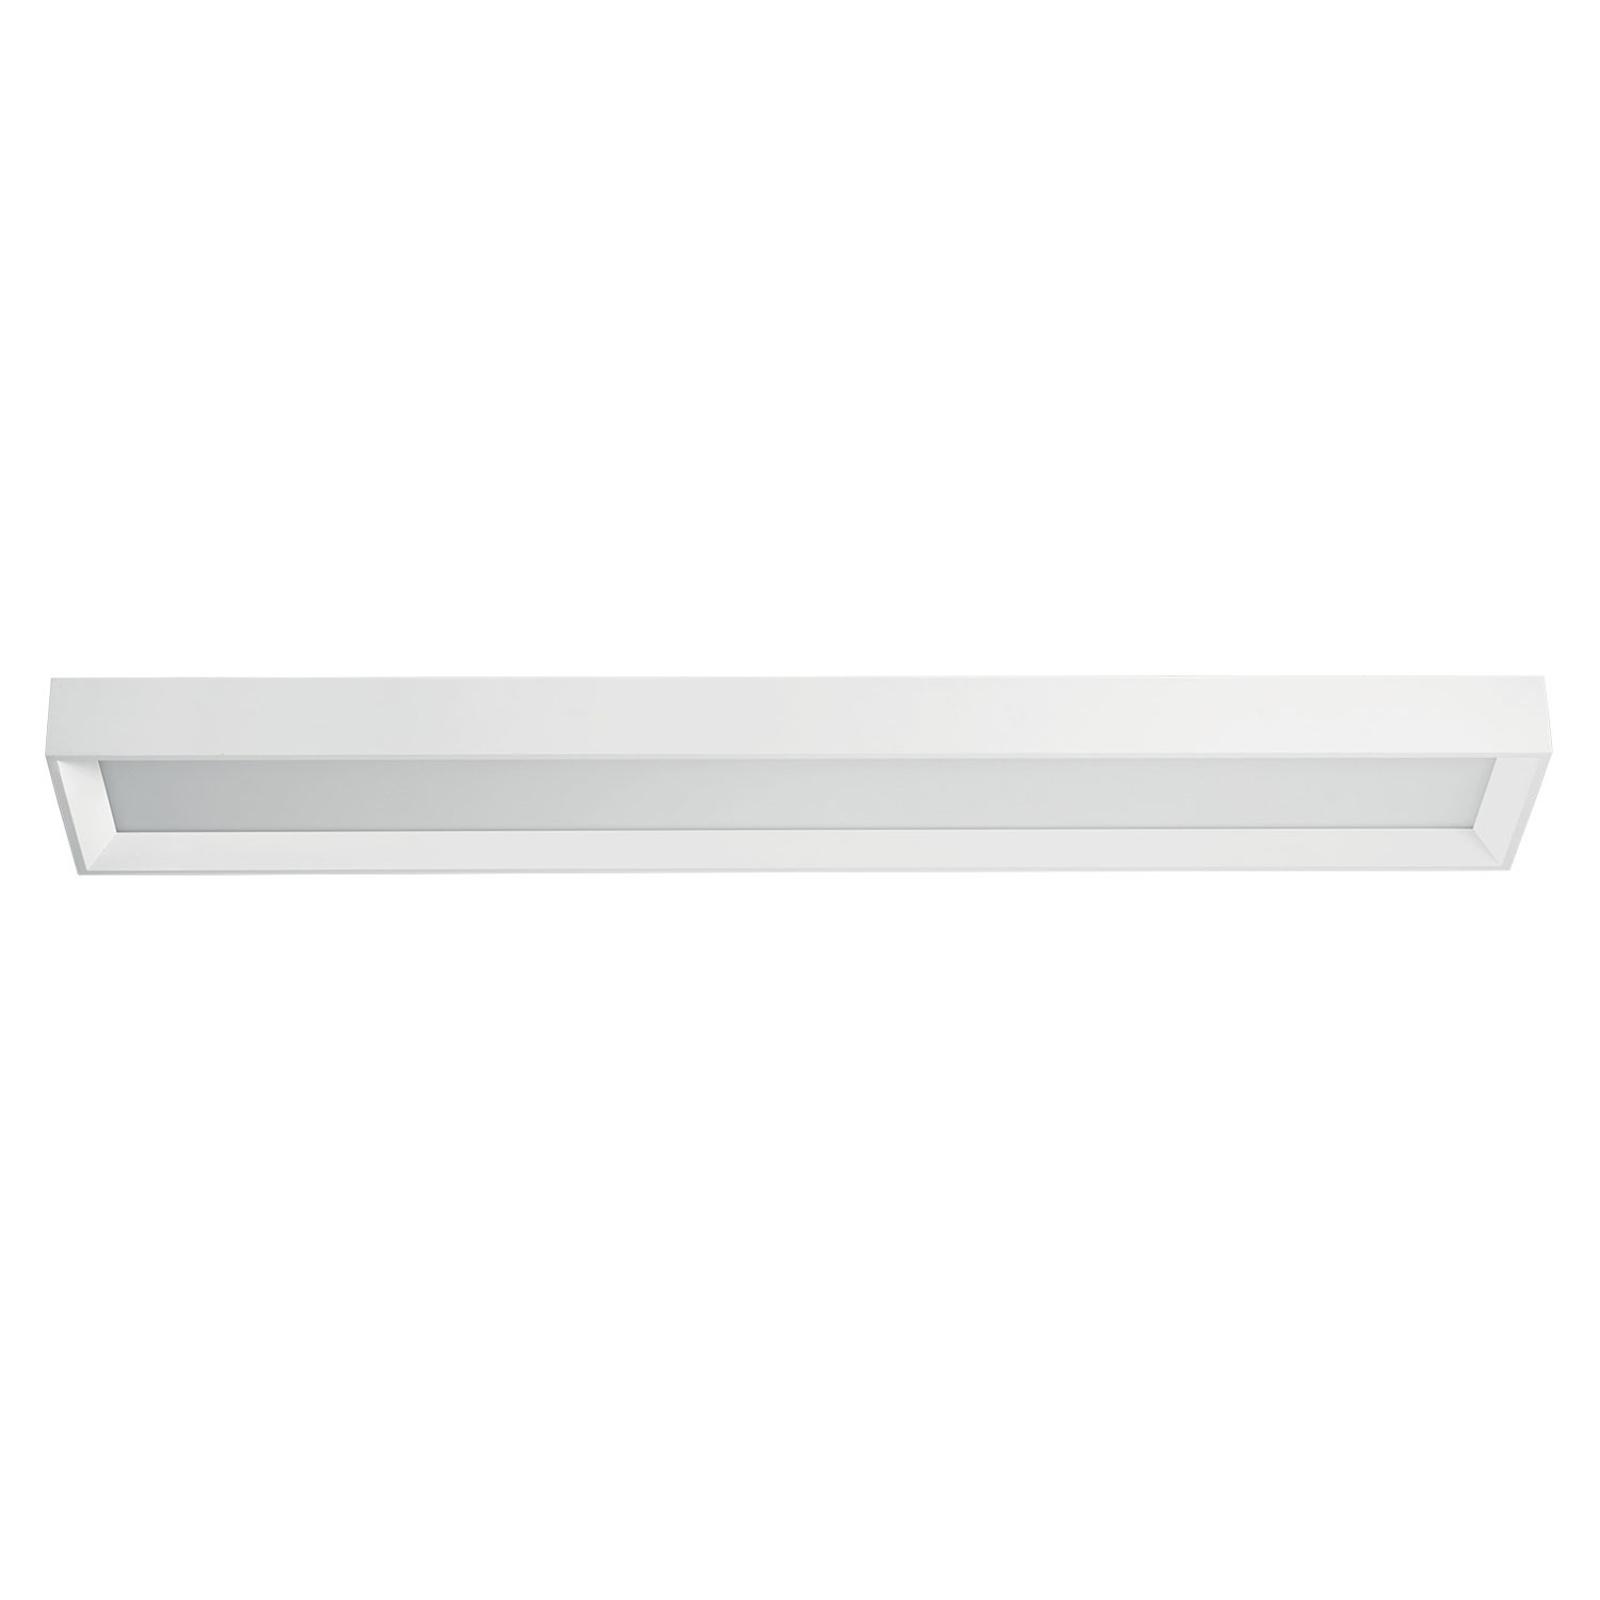 LED-kattovalaisin Tara, himmennettävä, 109 x 19 cm